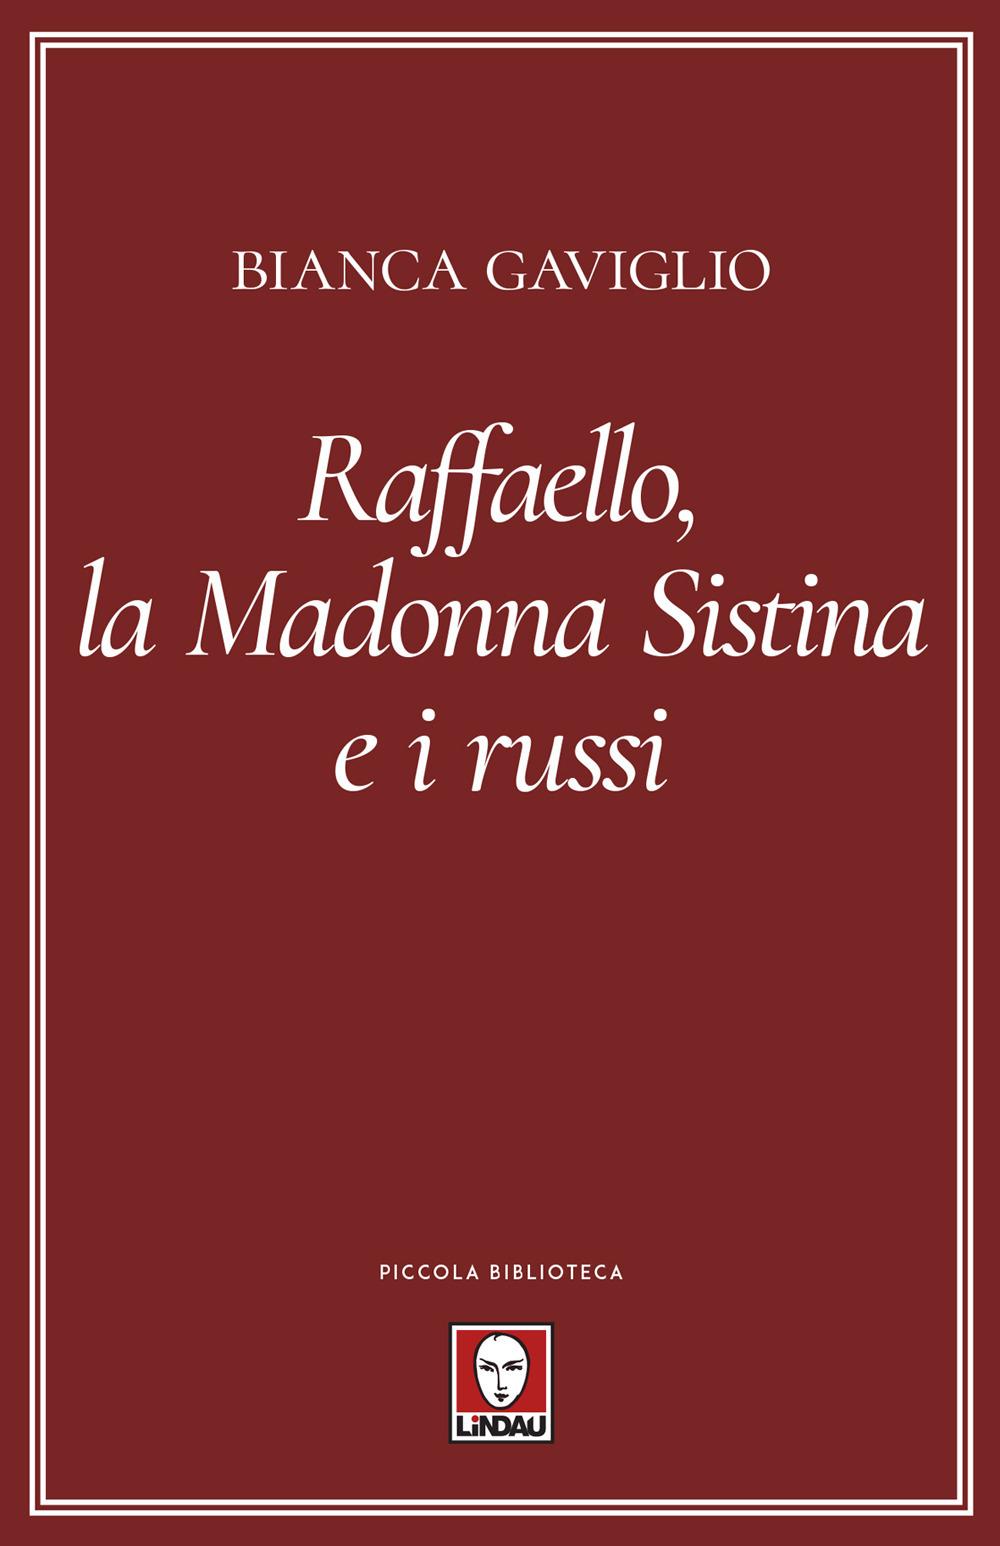 RAFFAELLO, LA MADONNA SISTINA E I RUSSI - 9788833535012